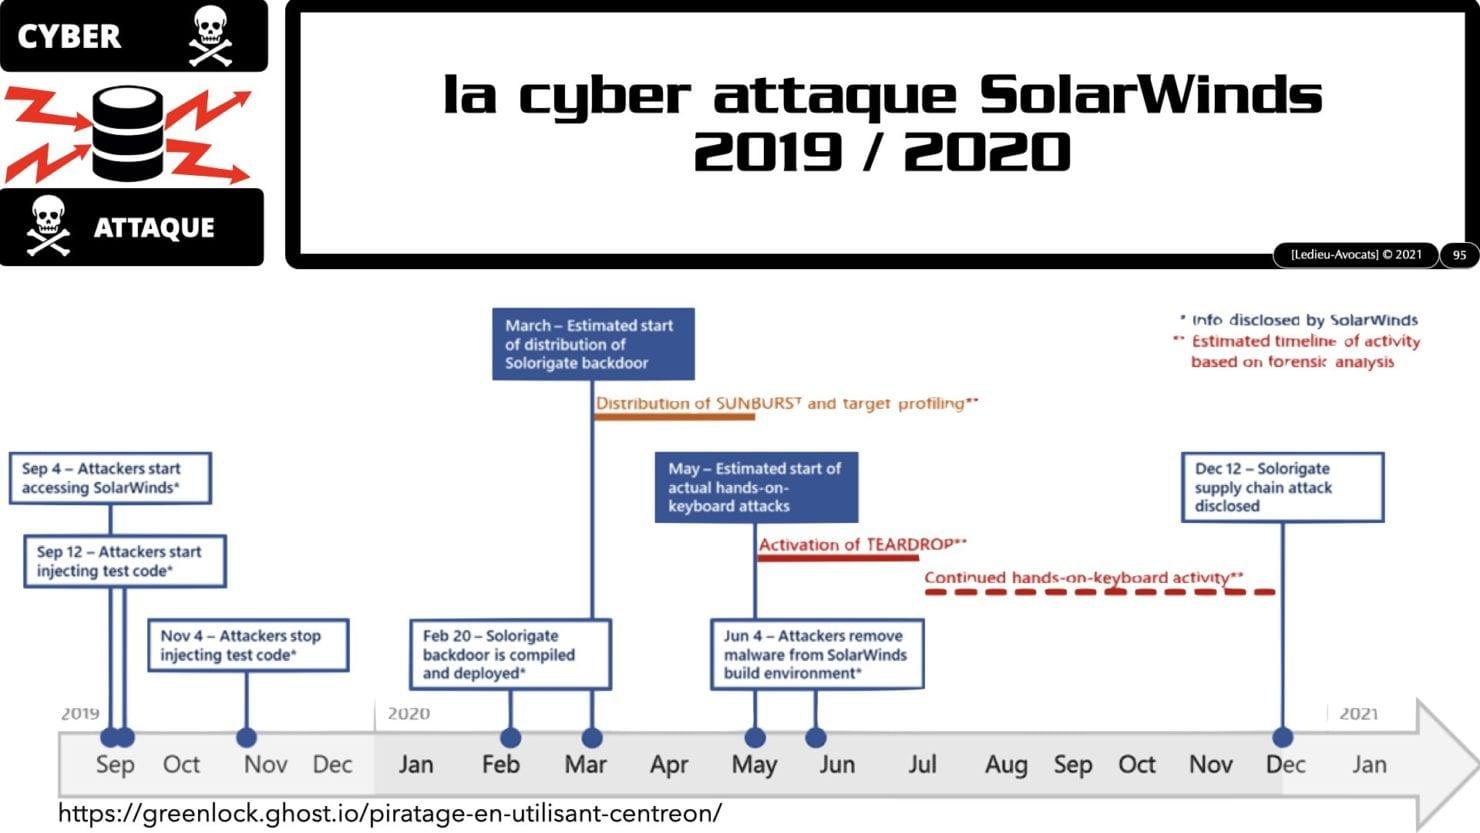 342 cyber sécurité #2 OIV OSE analyse risque EBIOS RM © Ledieu-avocat 15-07-2021.095